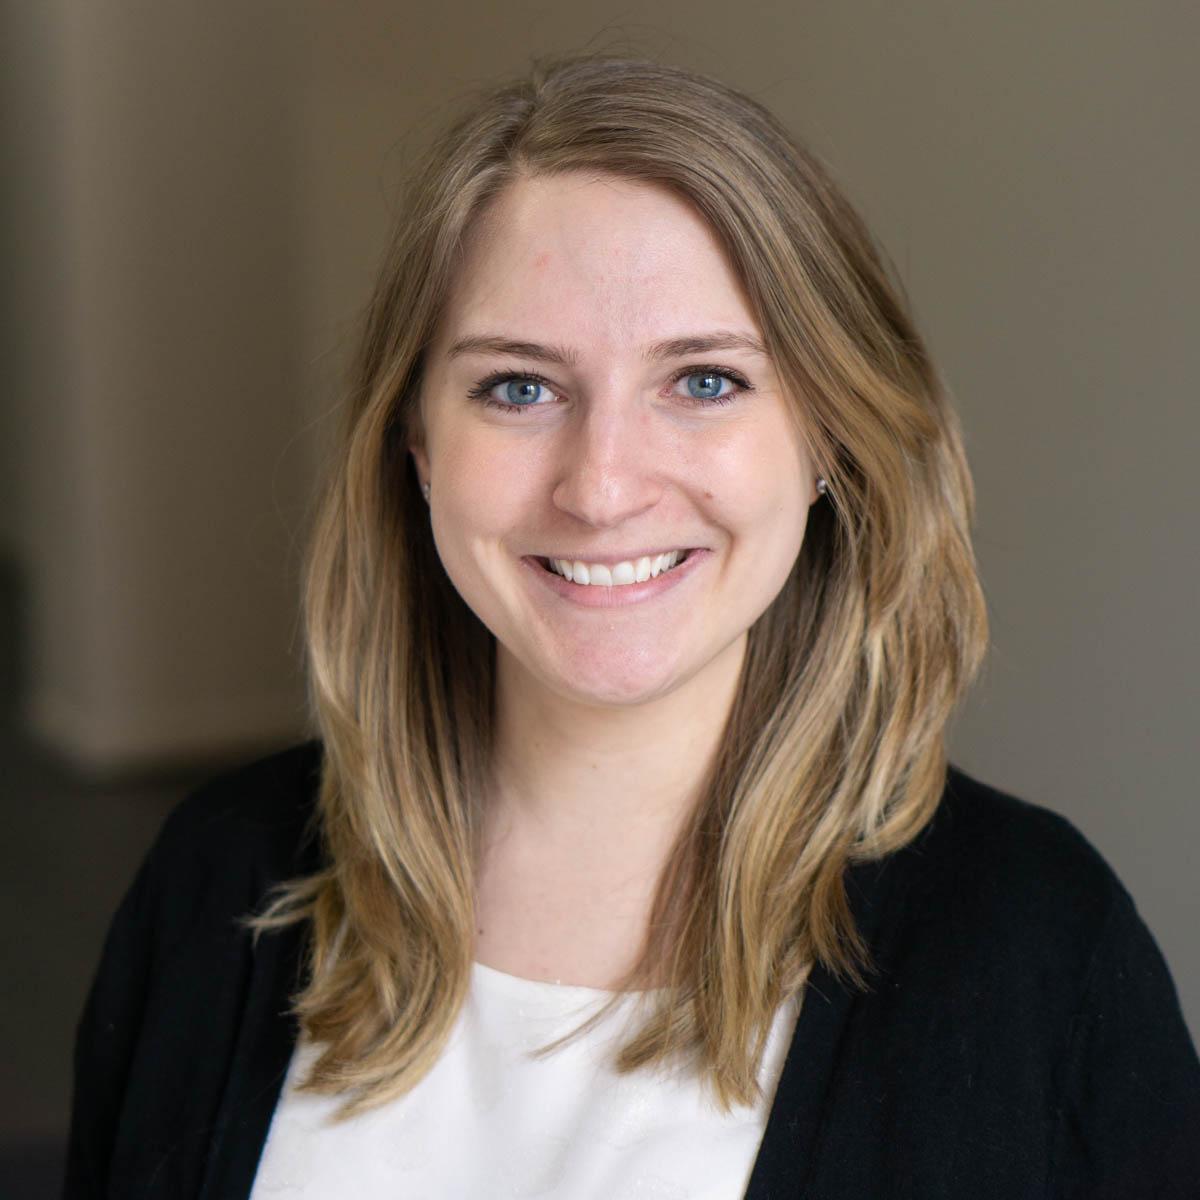 Dr. Dr. Chelsea Klein-Murach, DC